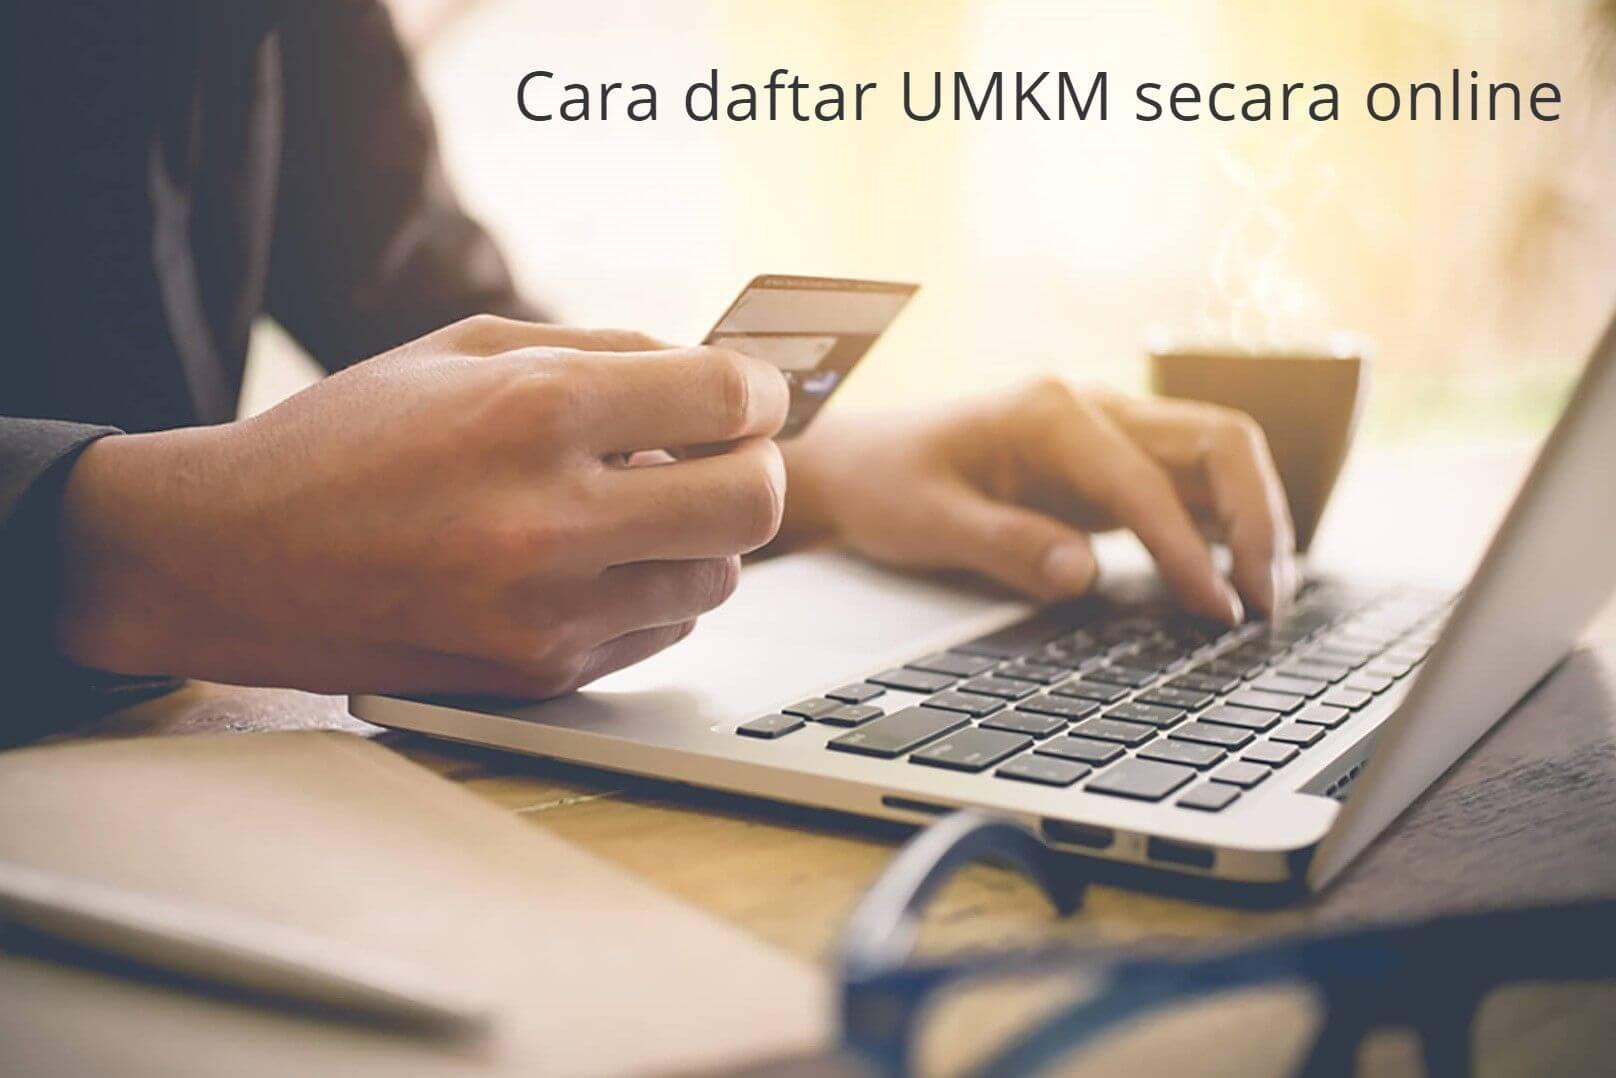 Cara daftar UMKM secara online dengan cara daftar bantuan UMKM dan daftar blt UMKM online 2021